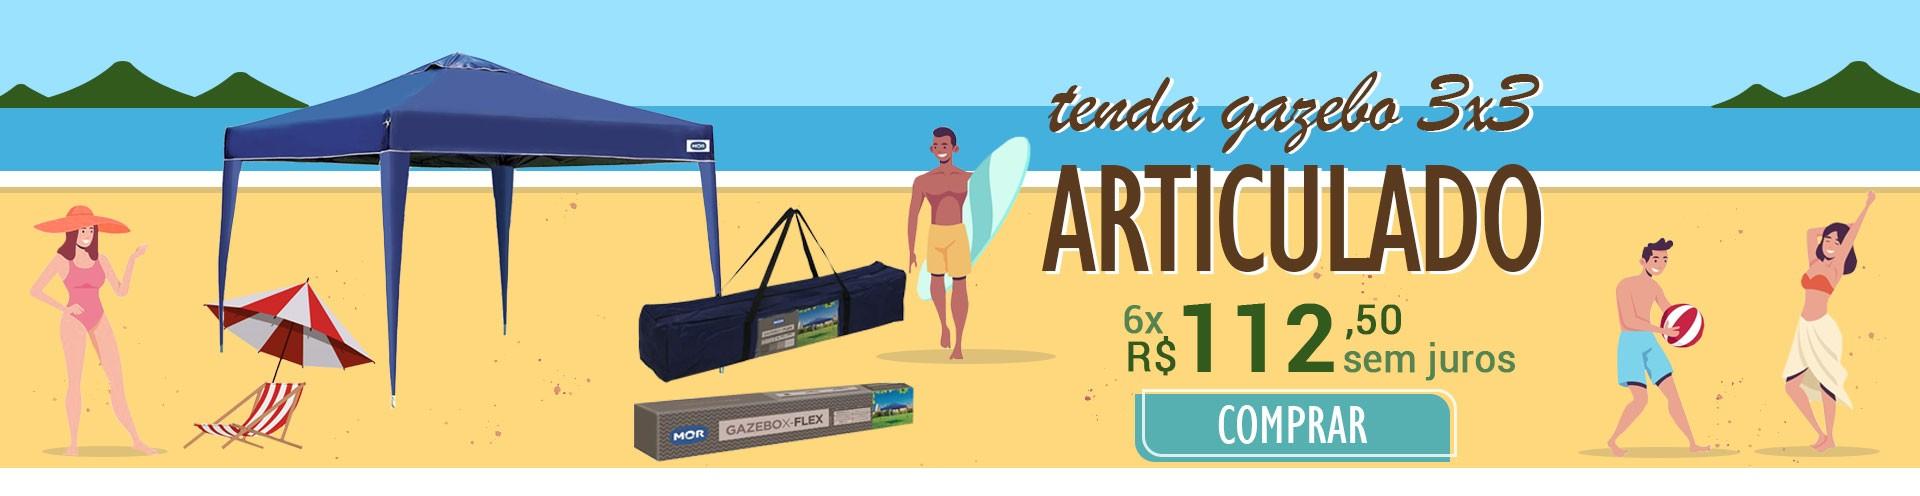 TENDA GAZEBO ARTICULADO 3X3